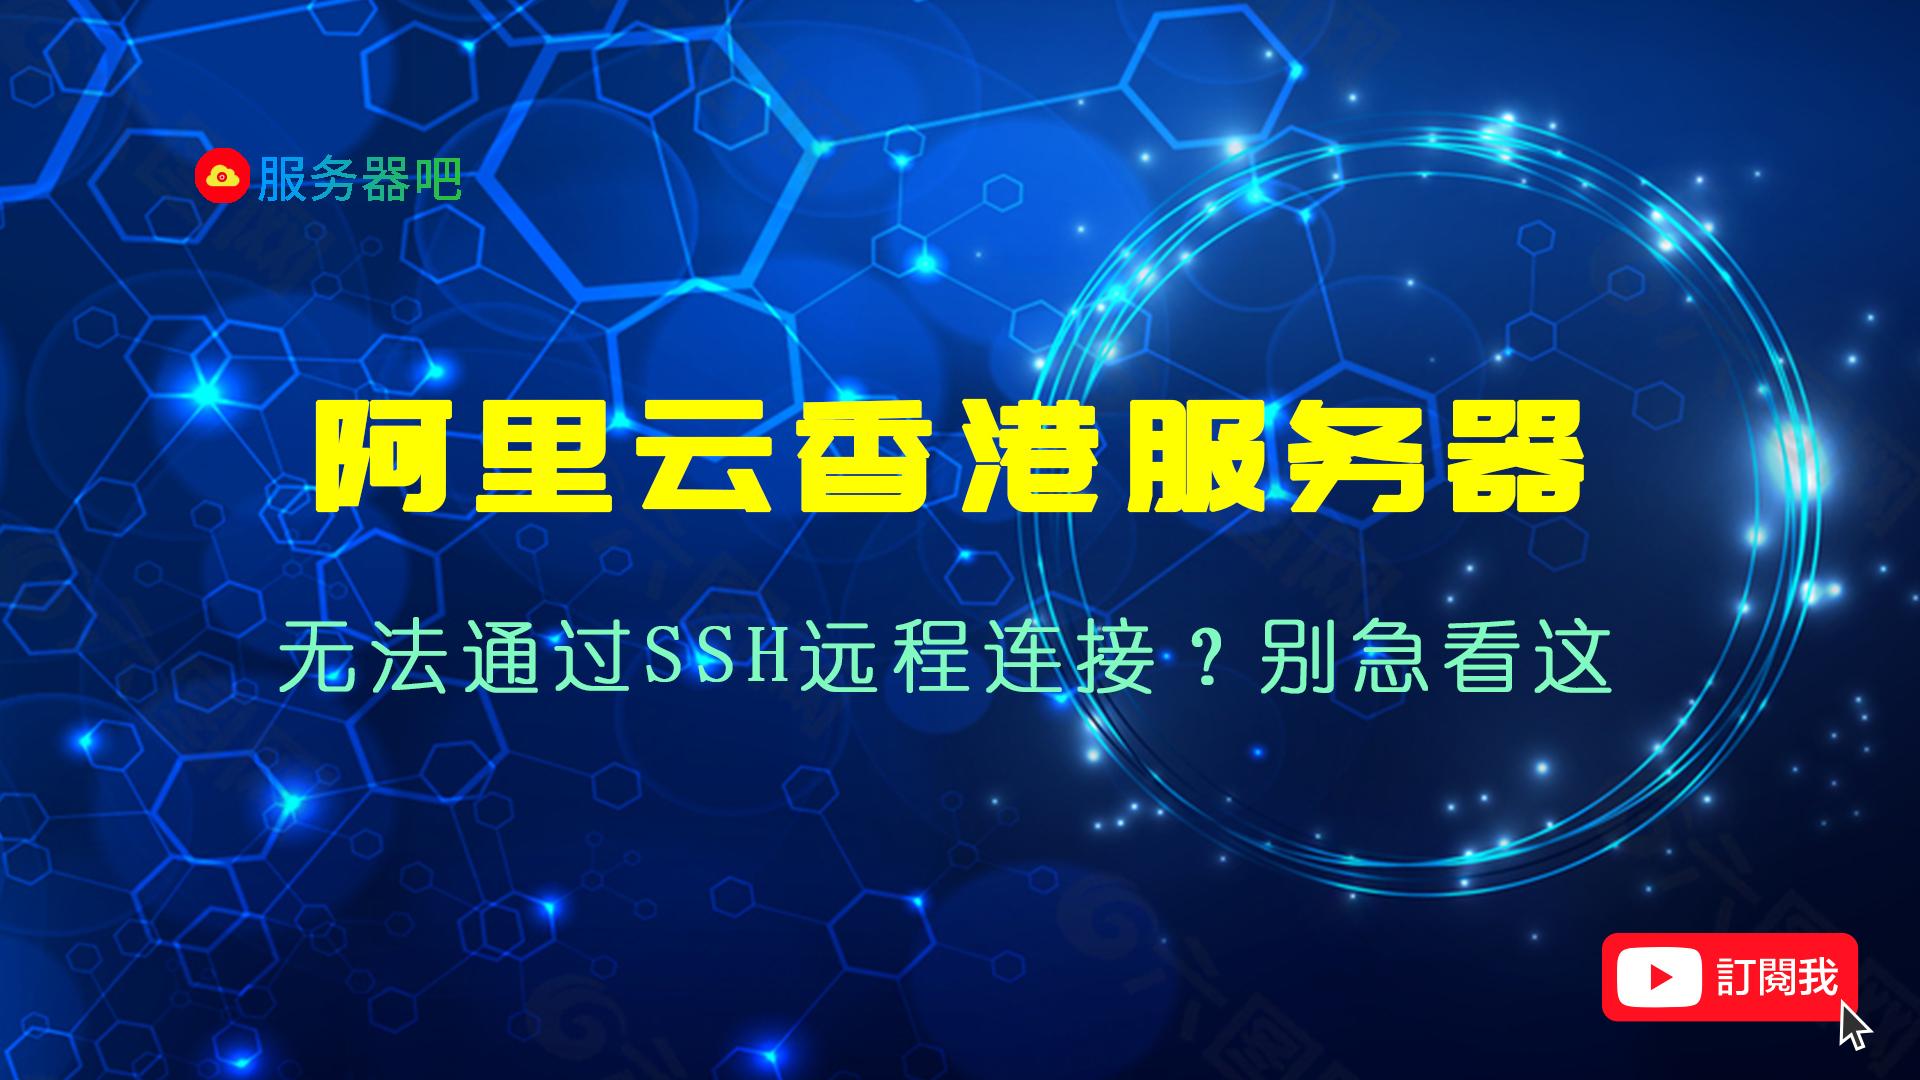 服务器吧丨阿里云香港轻量应用服务器与ECS服务器远程连接教程